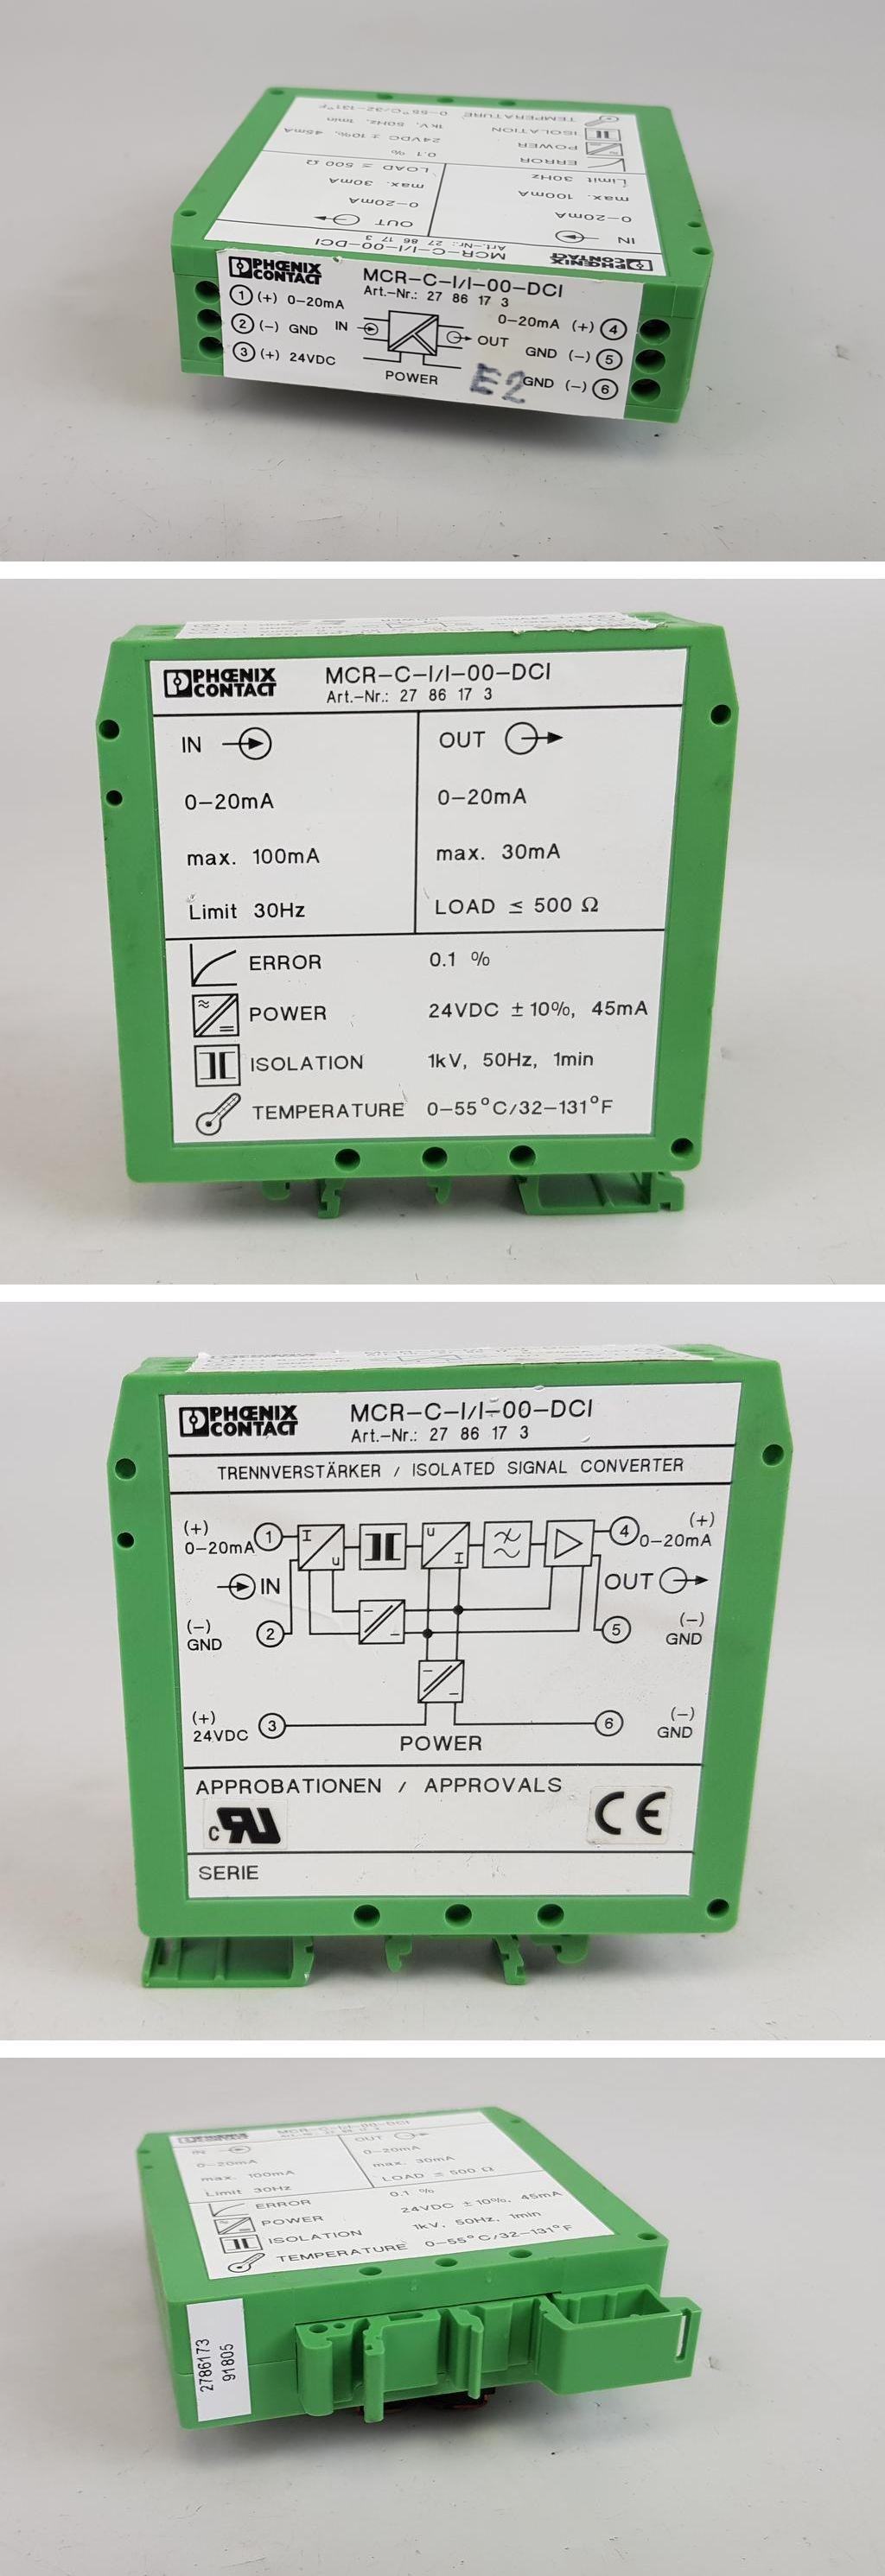 Druckknopfschalter Knopf Schalter Zusatzheizungfür Schlepper Traktor diverse